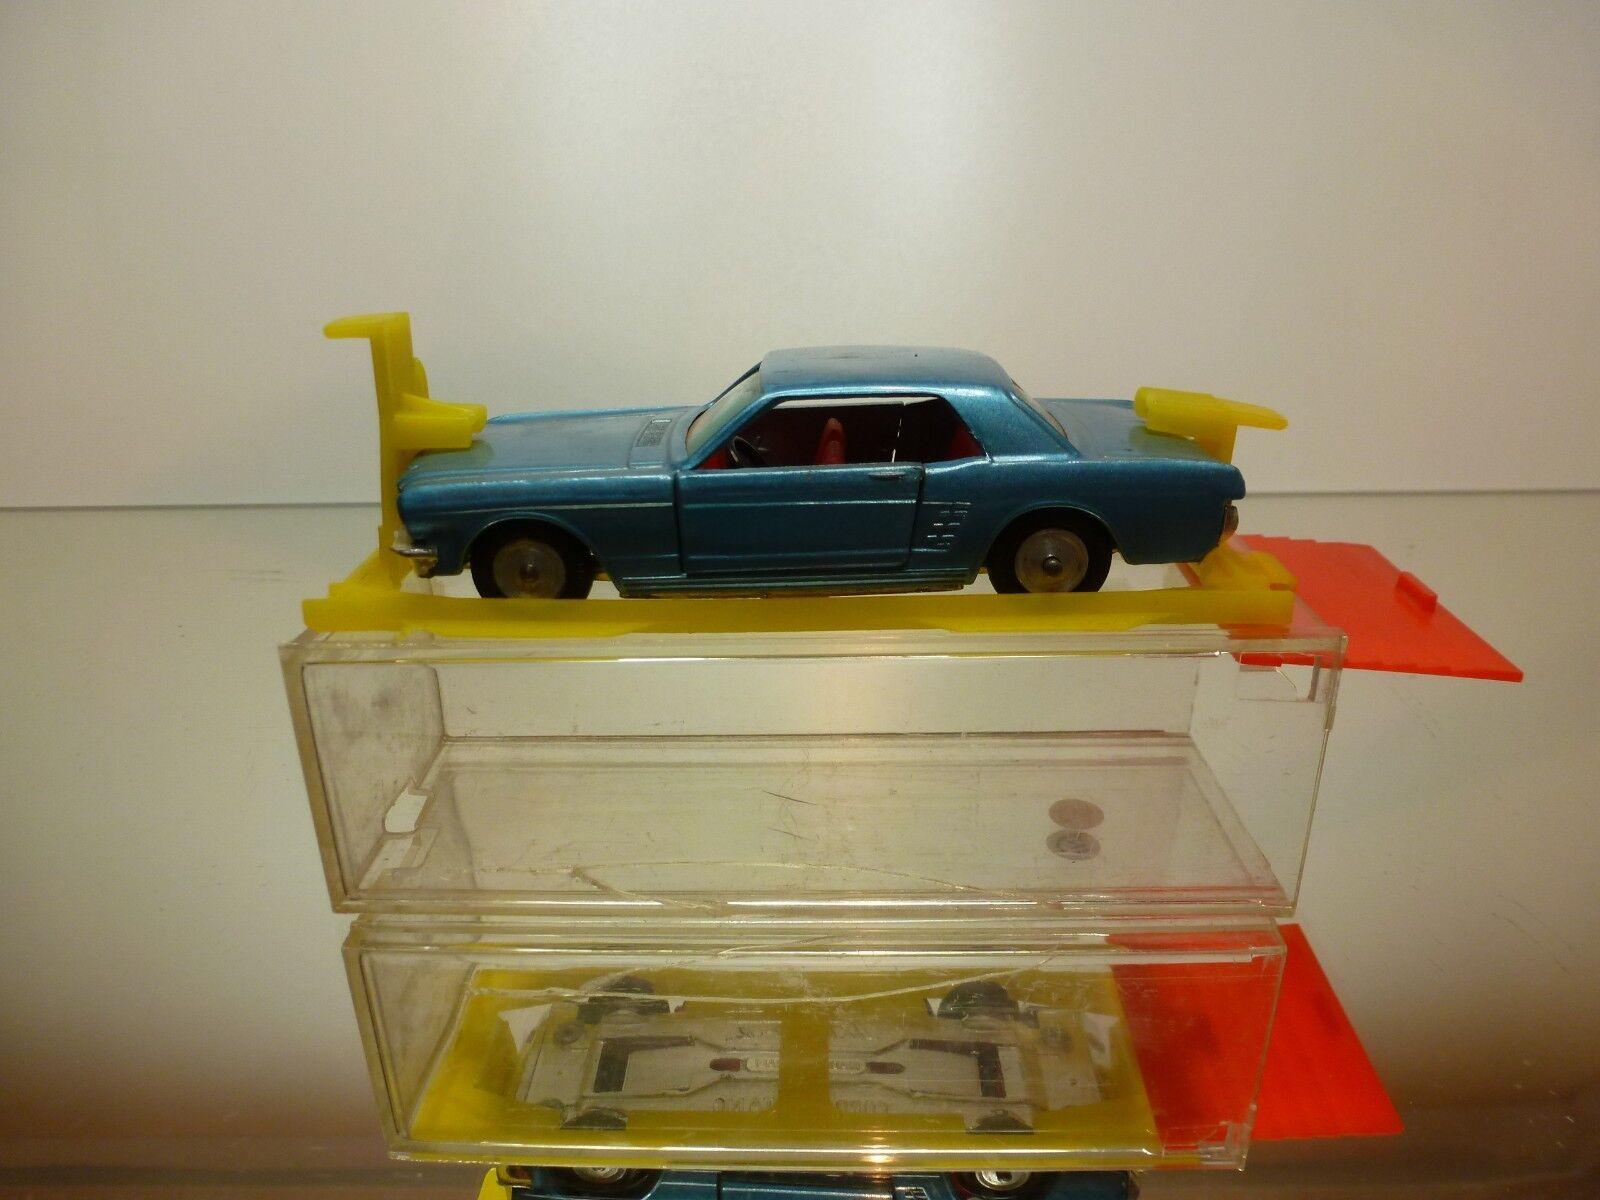 Sabra gamda ungarn 8106 ford mustang - blau 1 43 selten - in garage-box